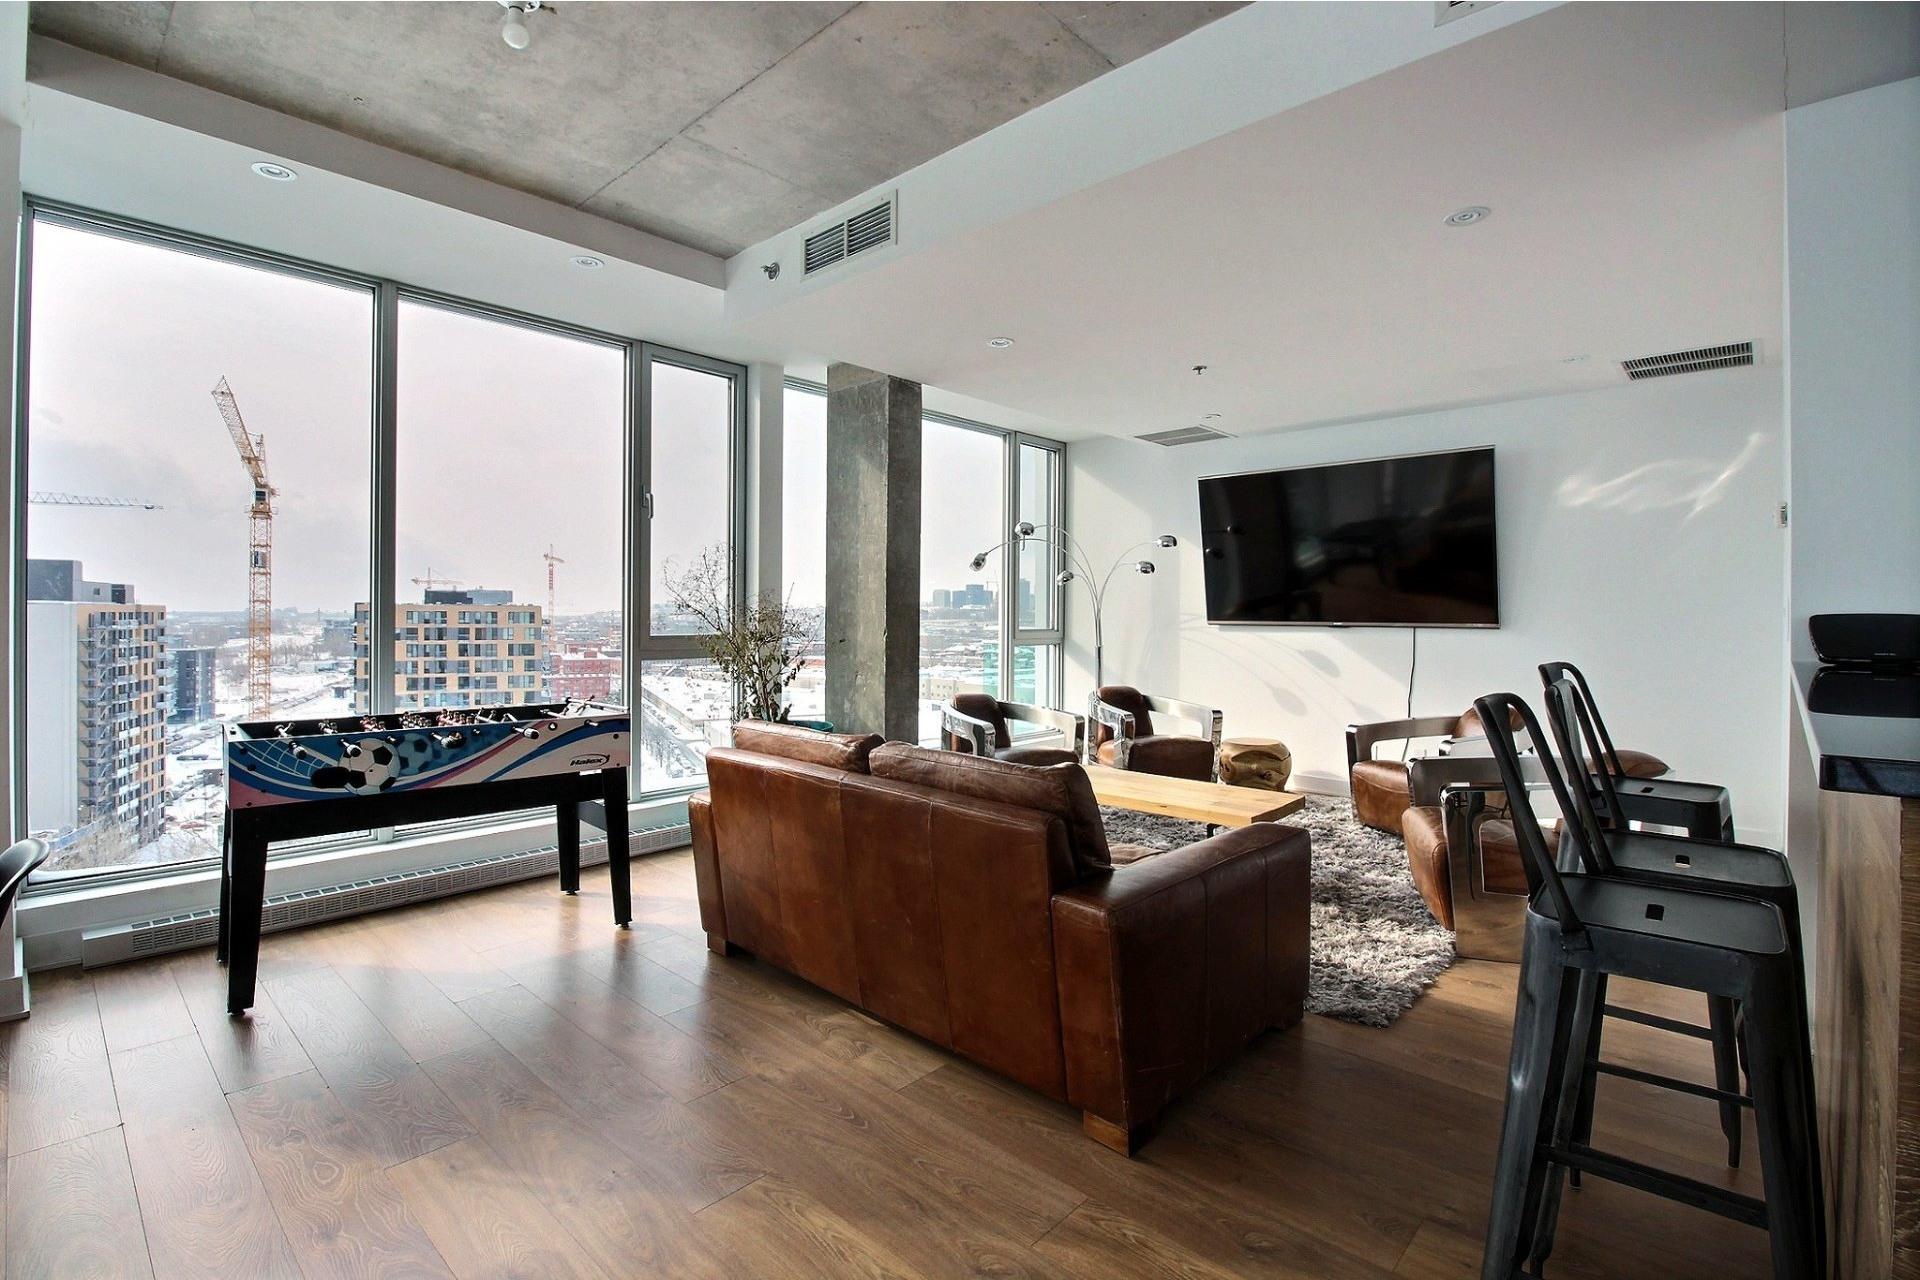 image 19 - Apartment For rent Montréal Le Sud-Ouest  - 6 rooms